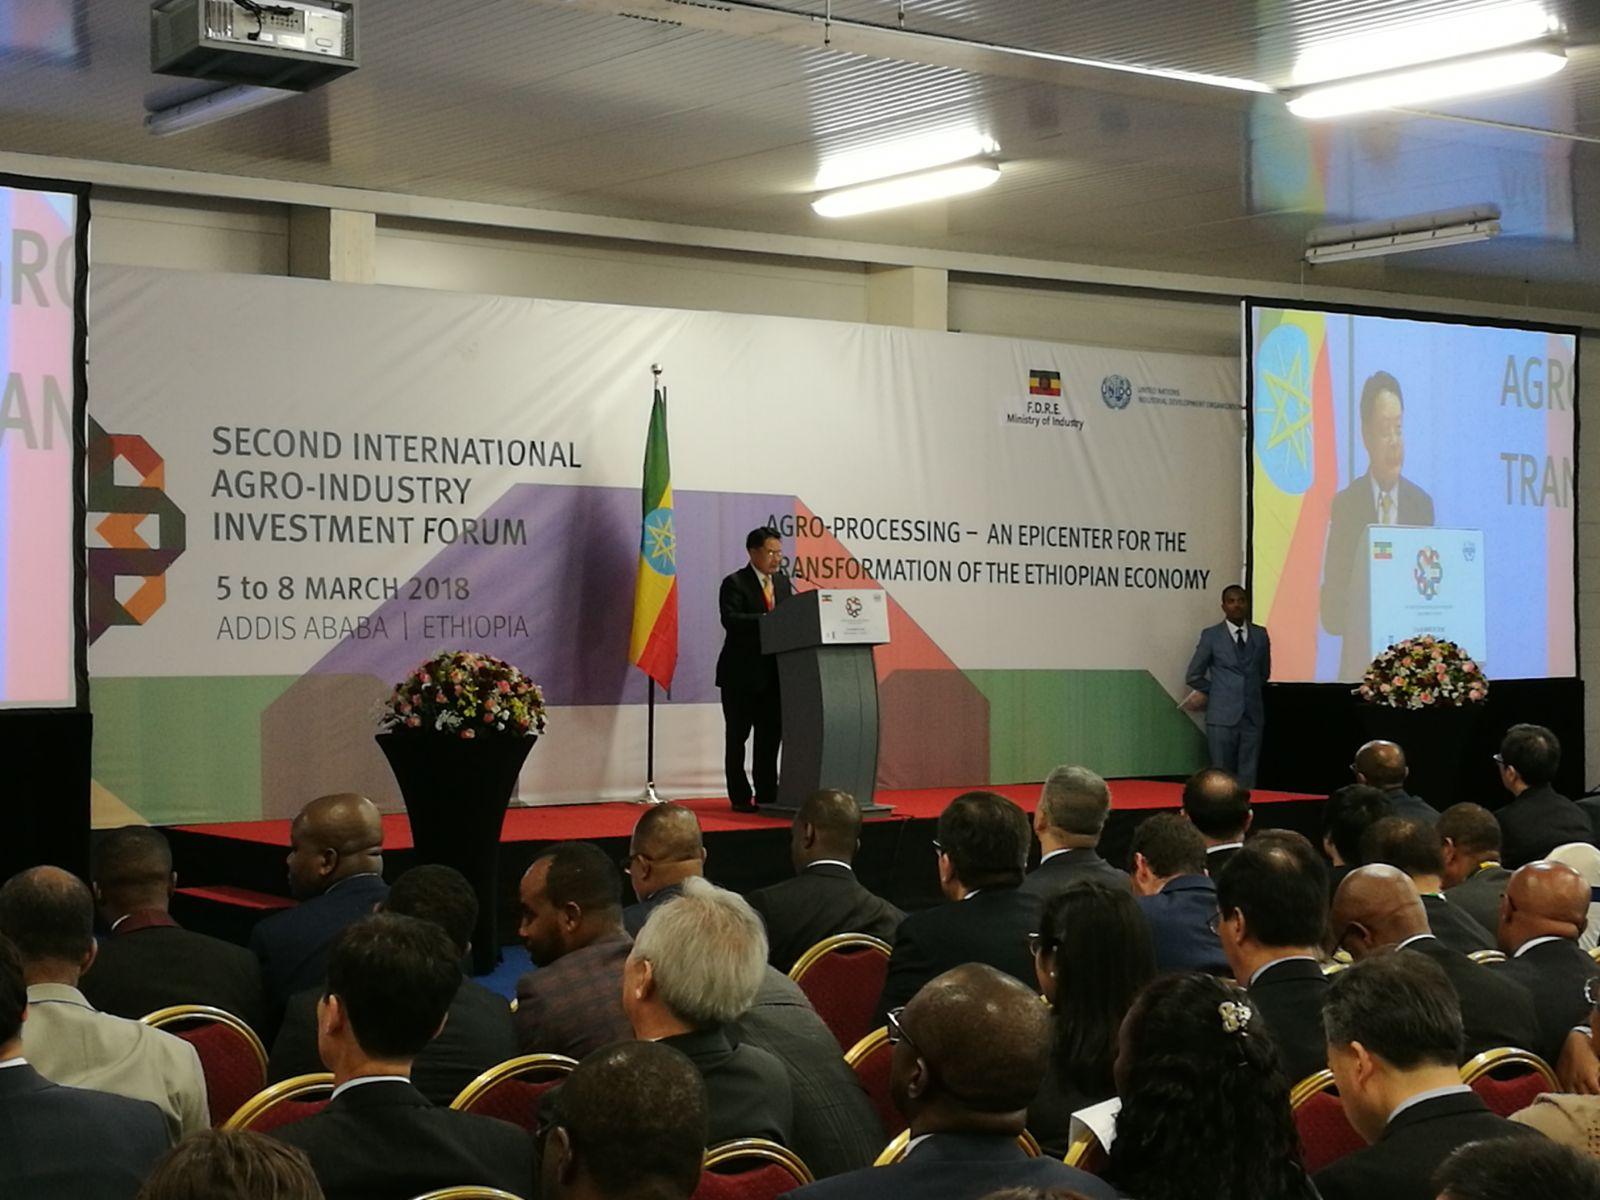 Secondo Forum sugli investimenti nell'Agro-Industria in Etiopia